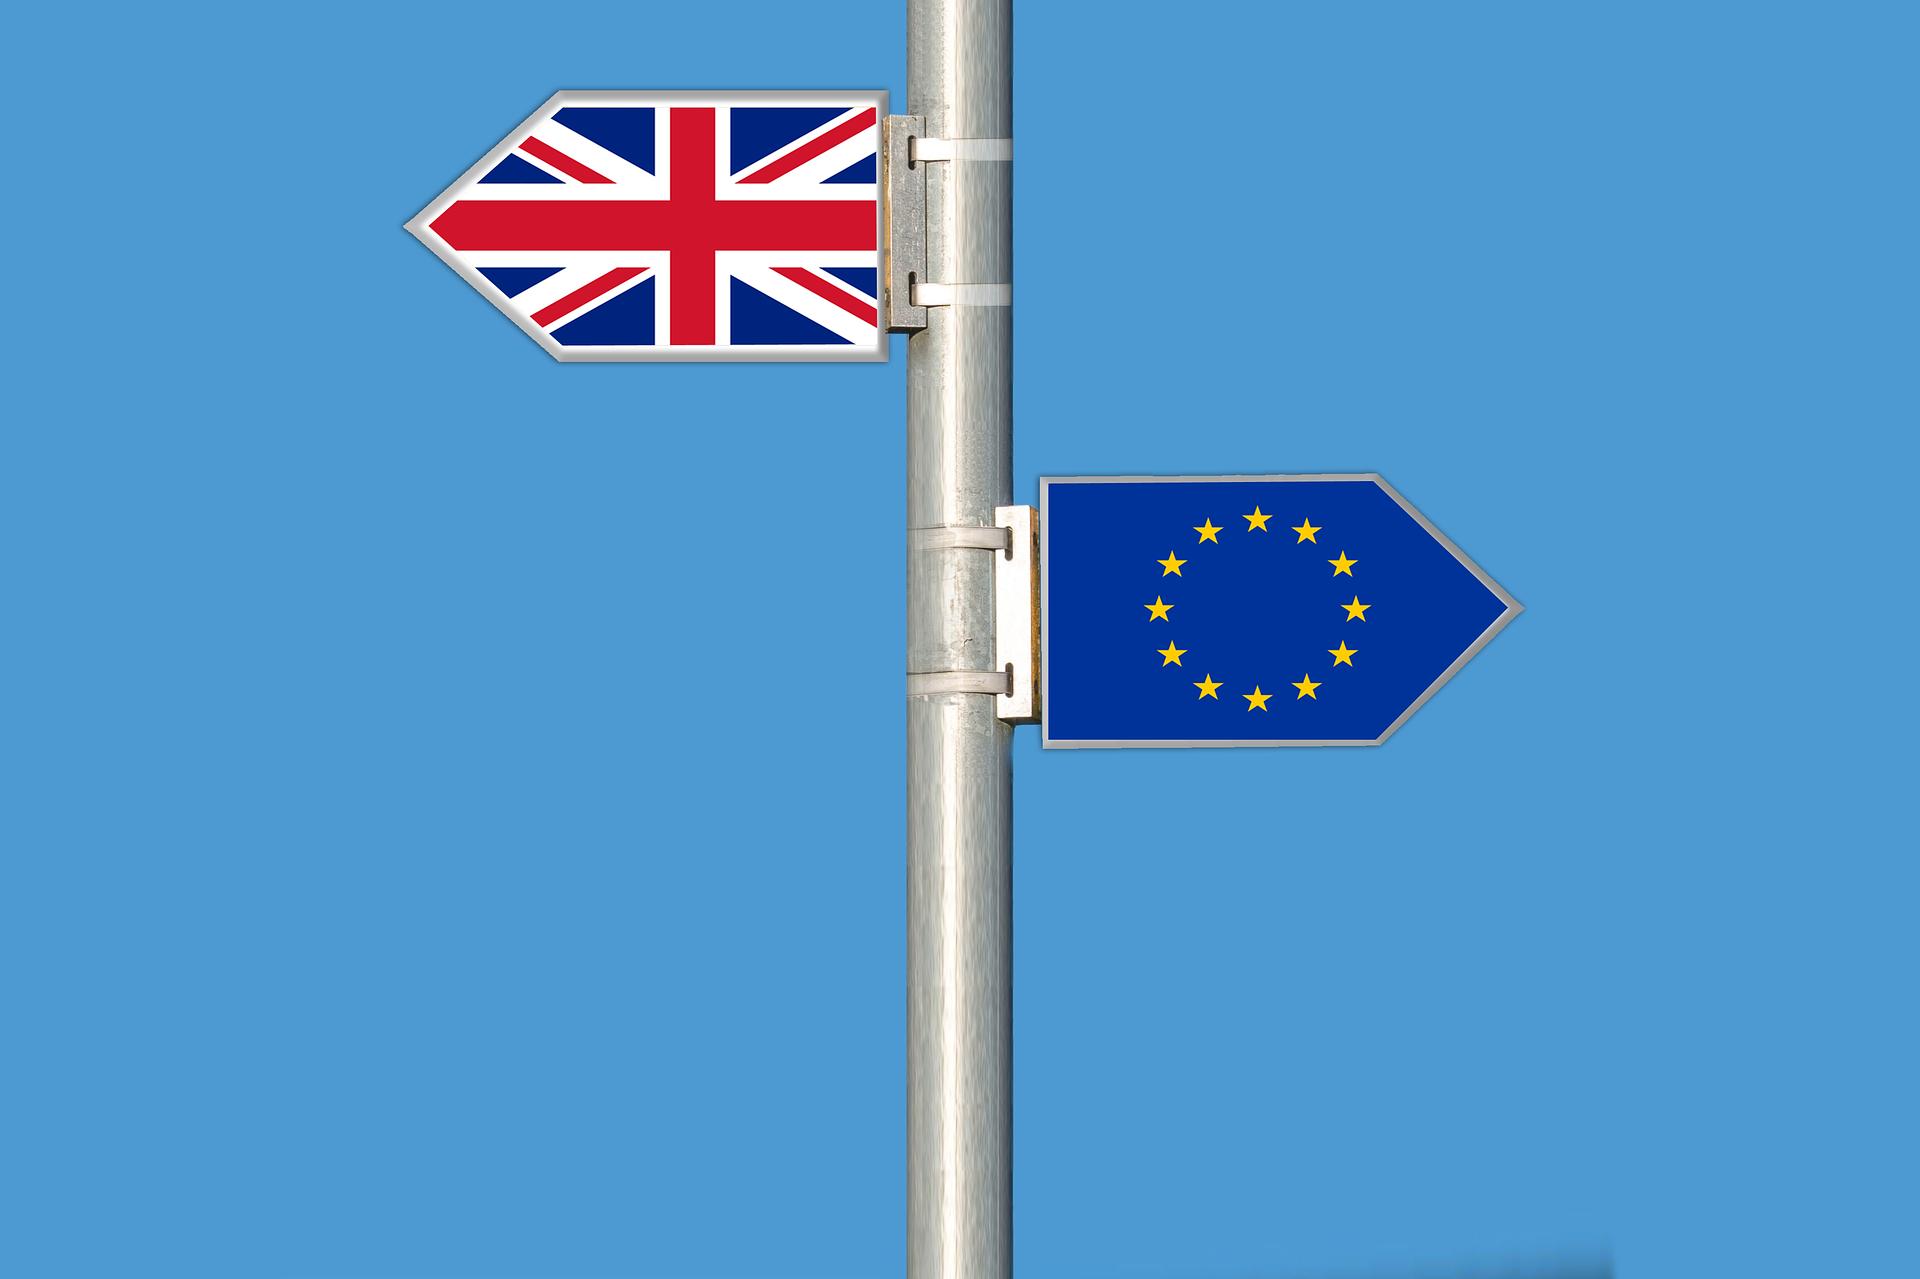 イギリスのEU離脱も大衆の感情的な判断の結果と言える